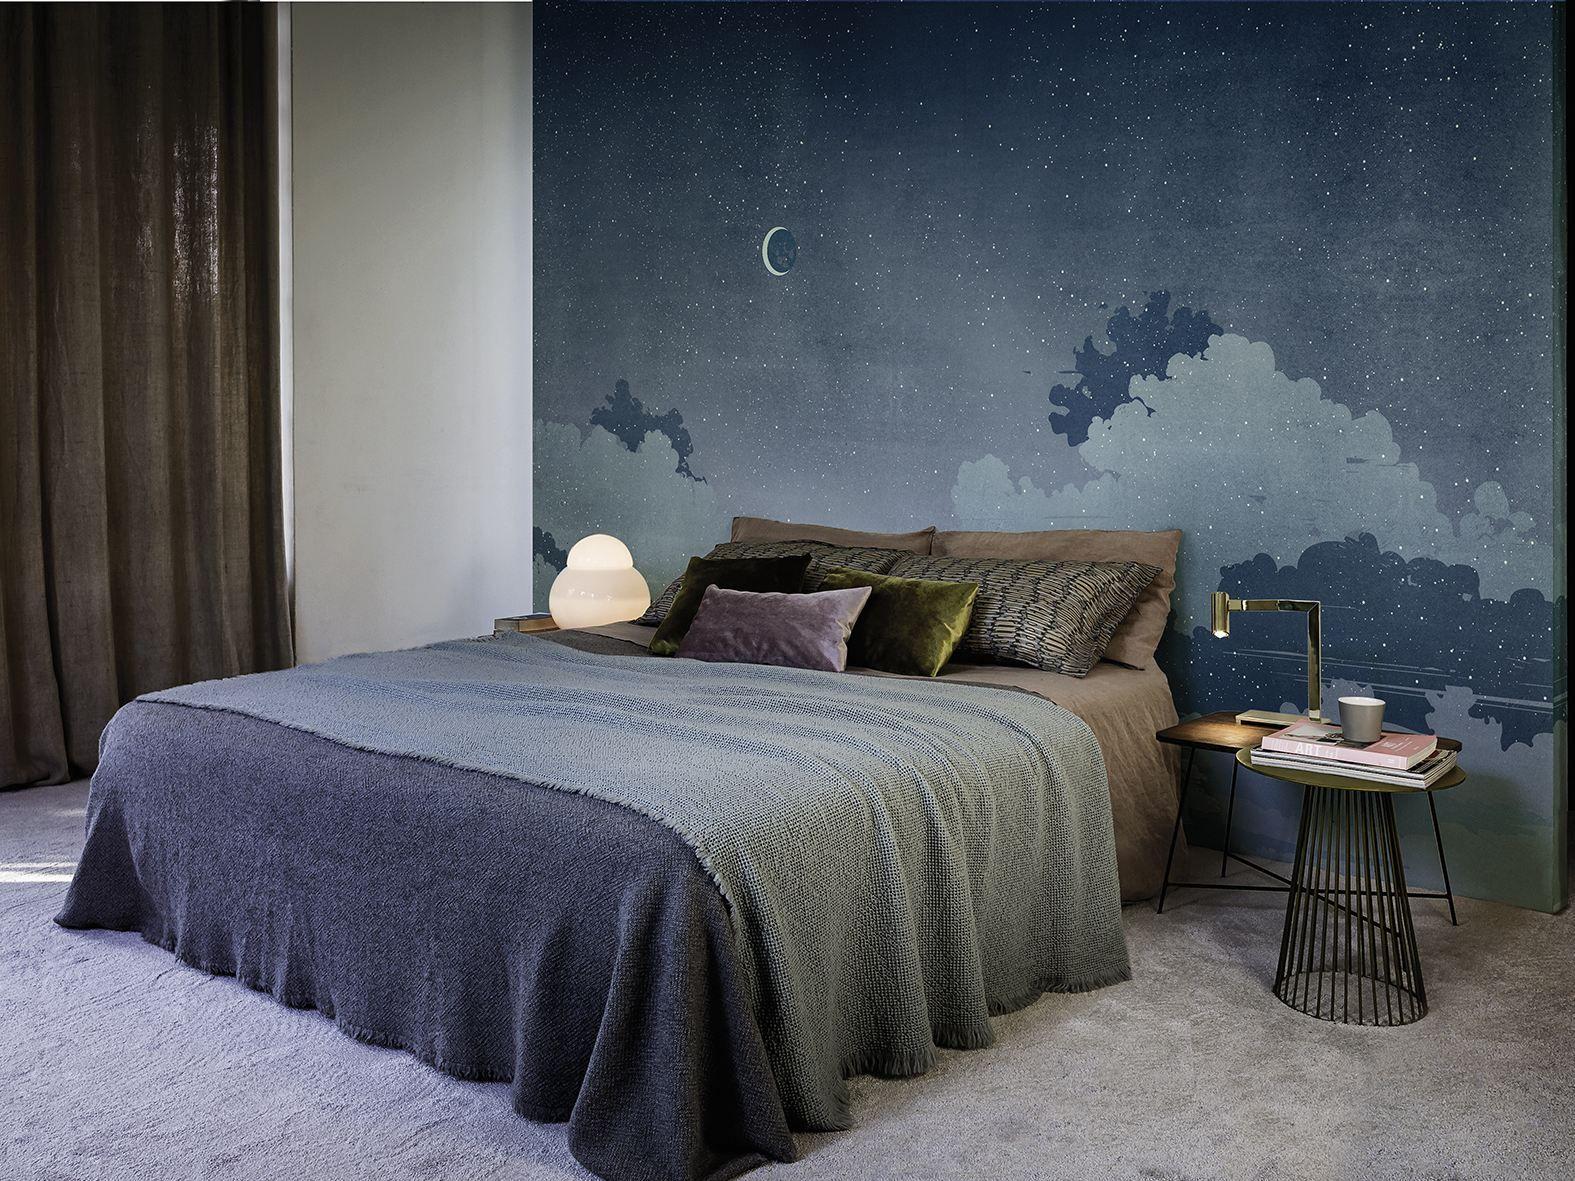 Carta da parati notturno blu collezione contemporary for Prezzo carta da parati wall and deco